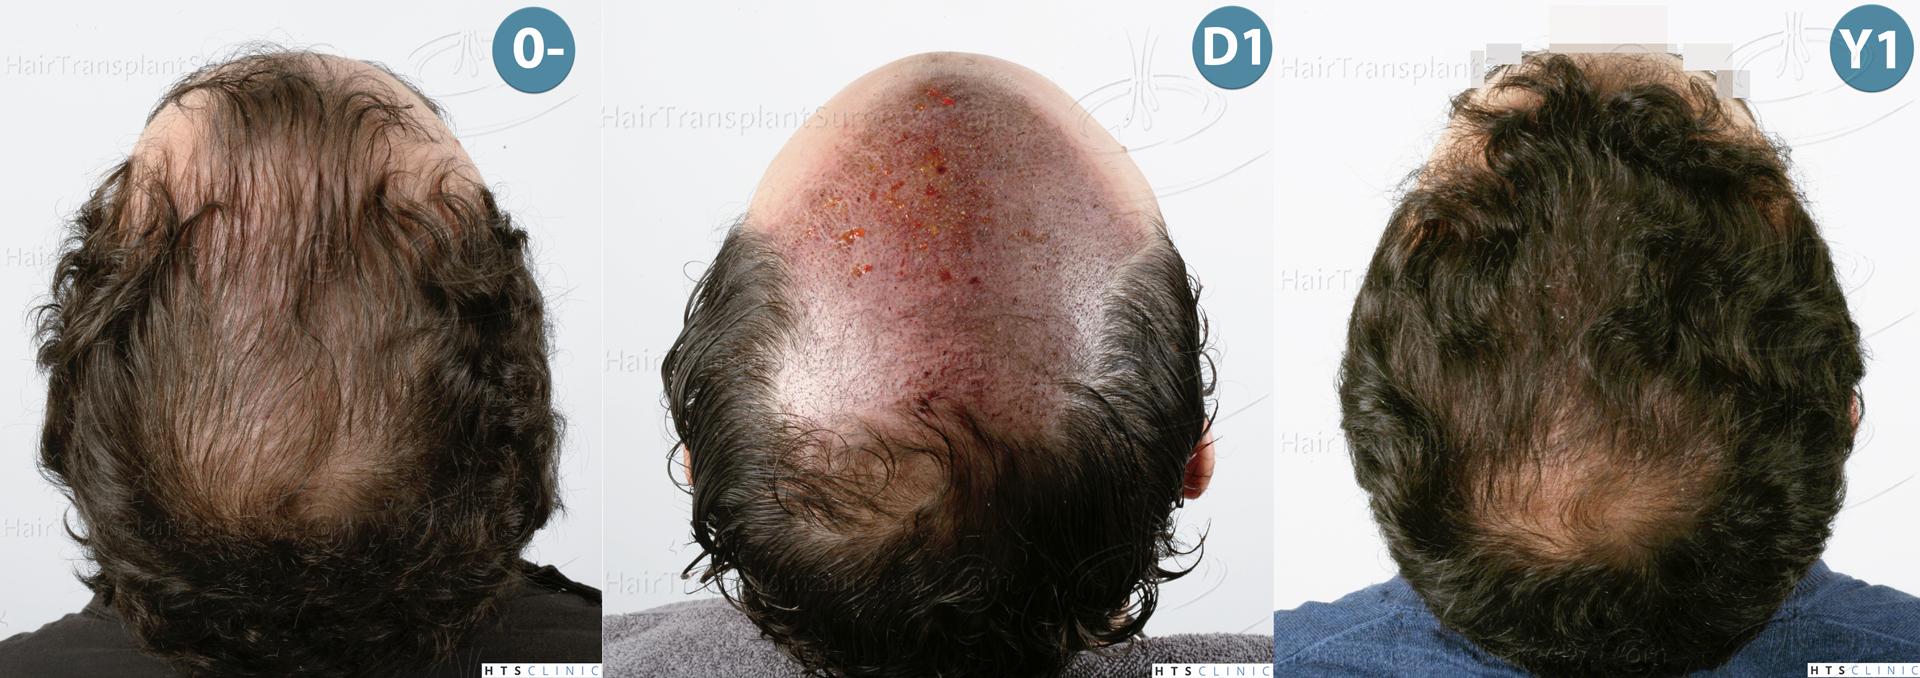 Dr.Devroye-HTS-Clinic-3920-FUT-Montage-5.jpg